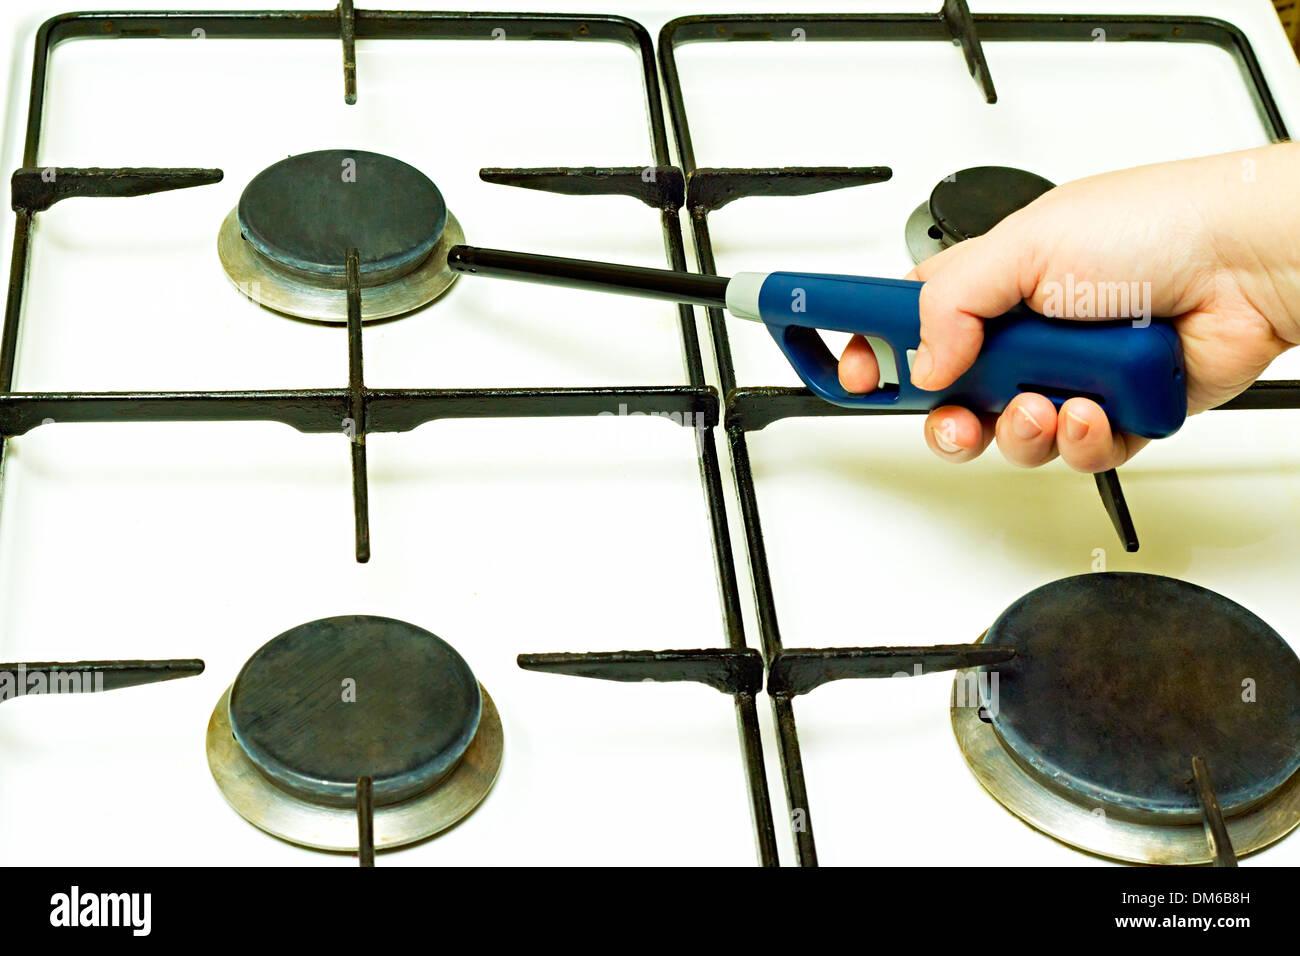 Стол для газовой плиты своими руками